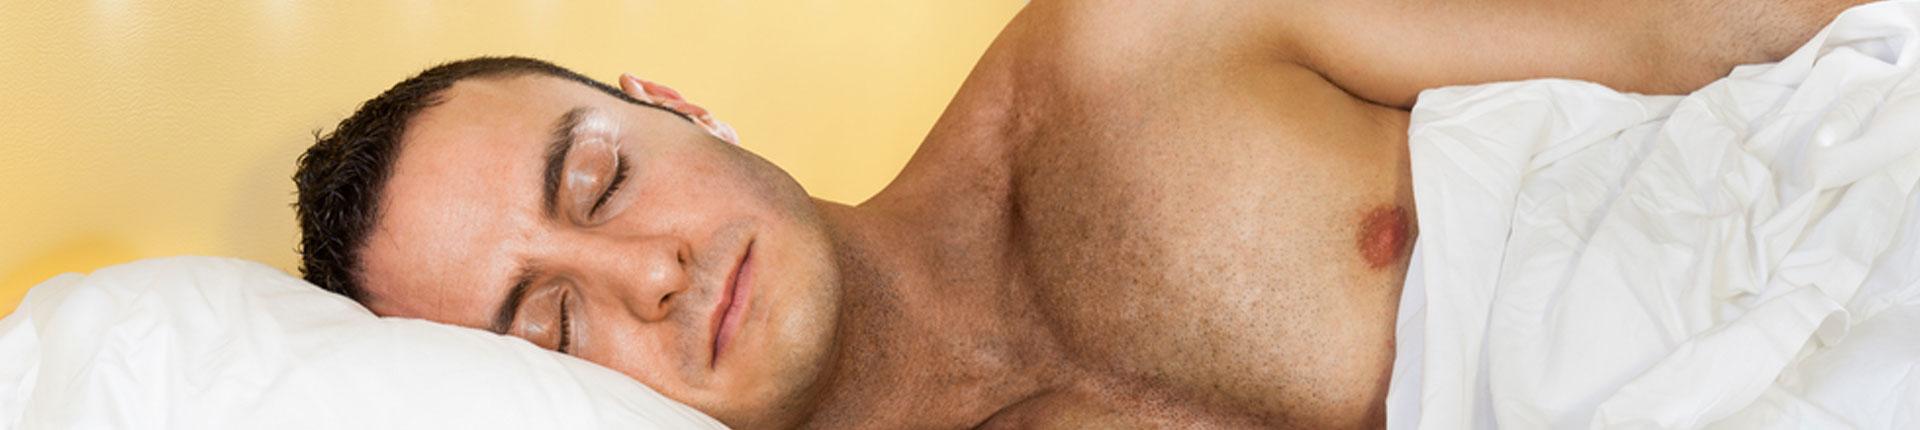 Czy sen wpływa na wzrost mięśni, odkładanie tłuszczu i wydolność?